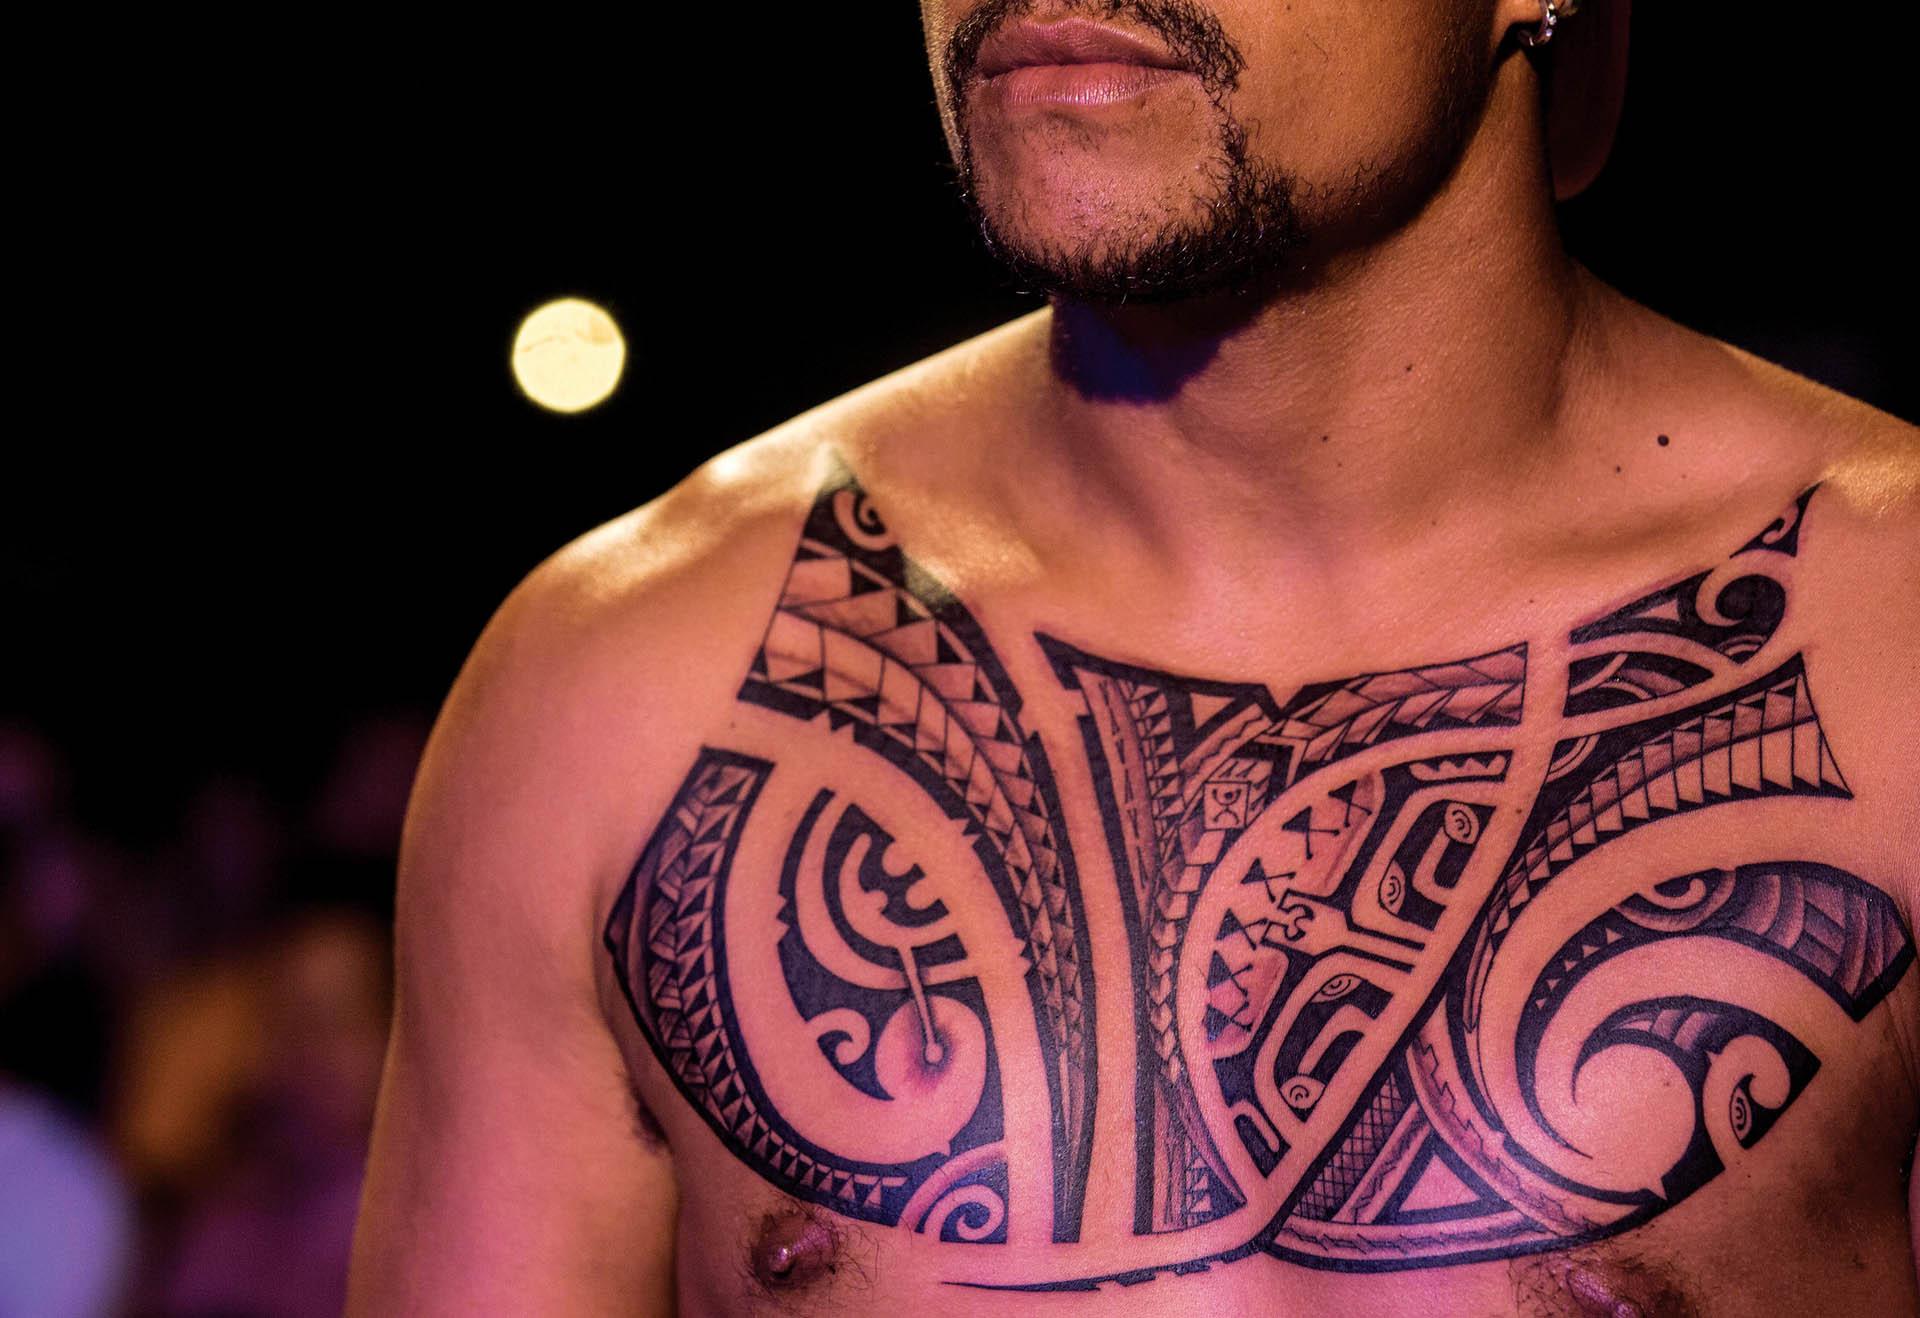 Tatoo homme 2016